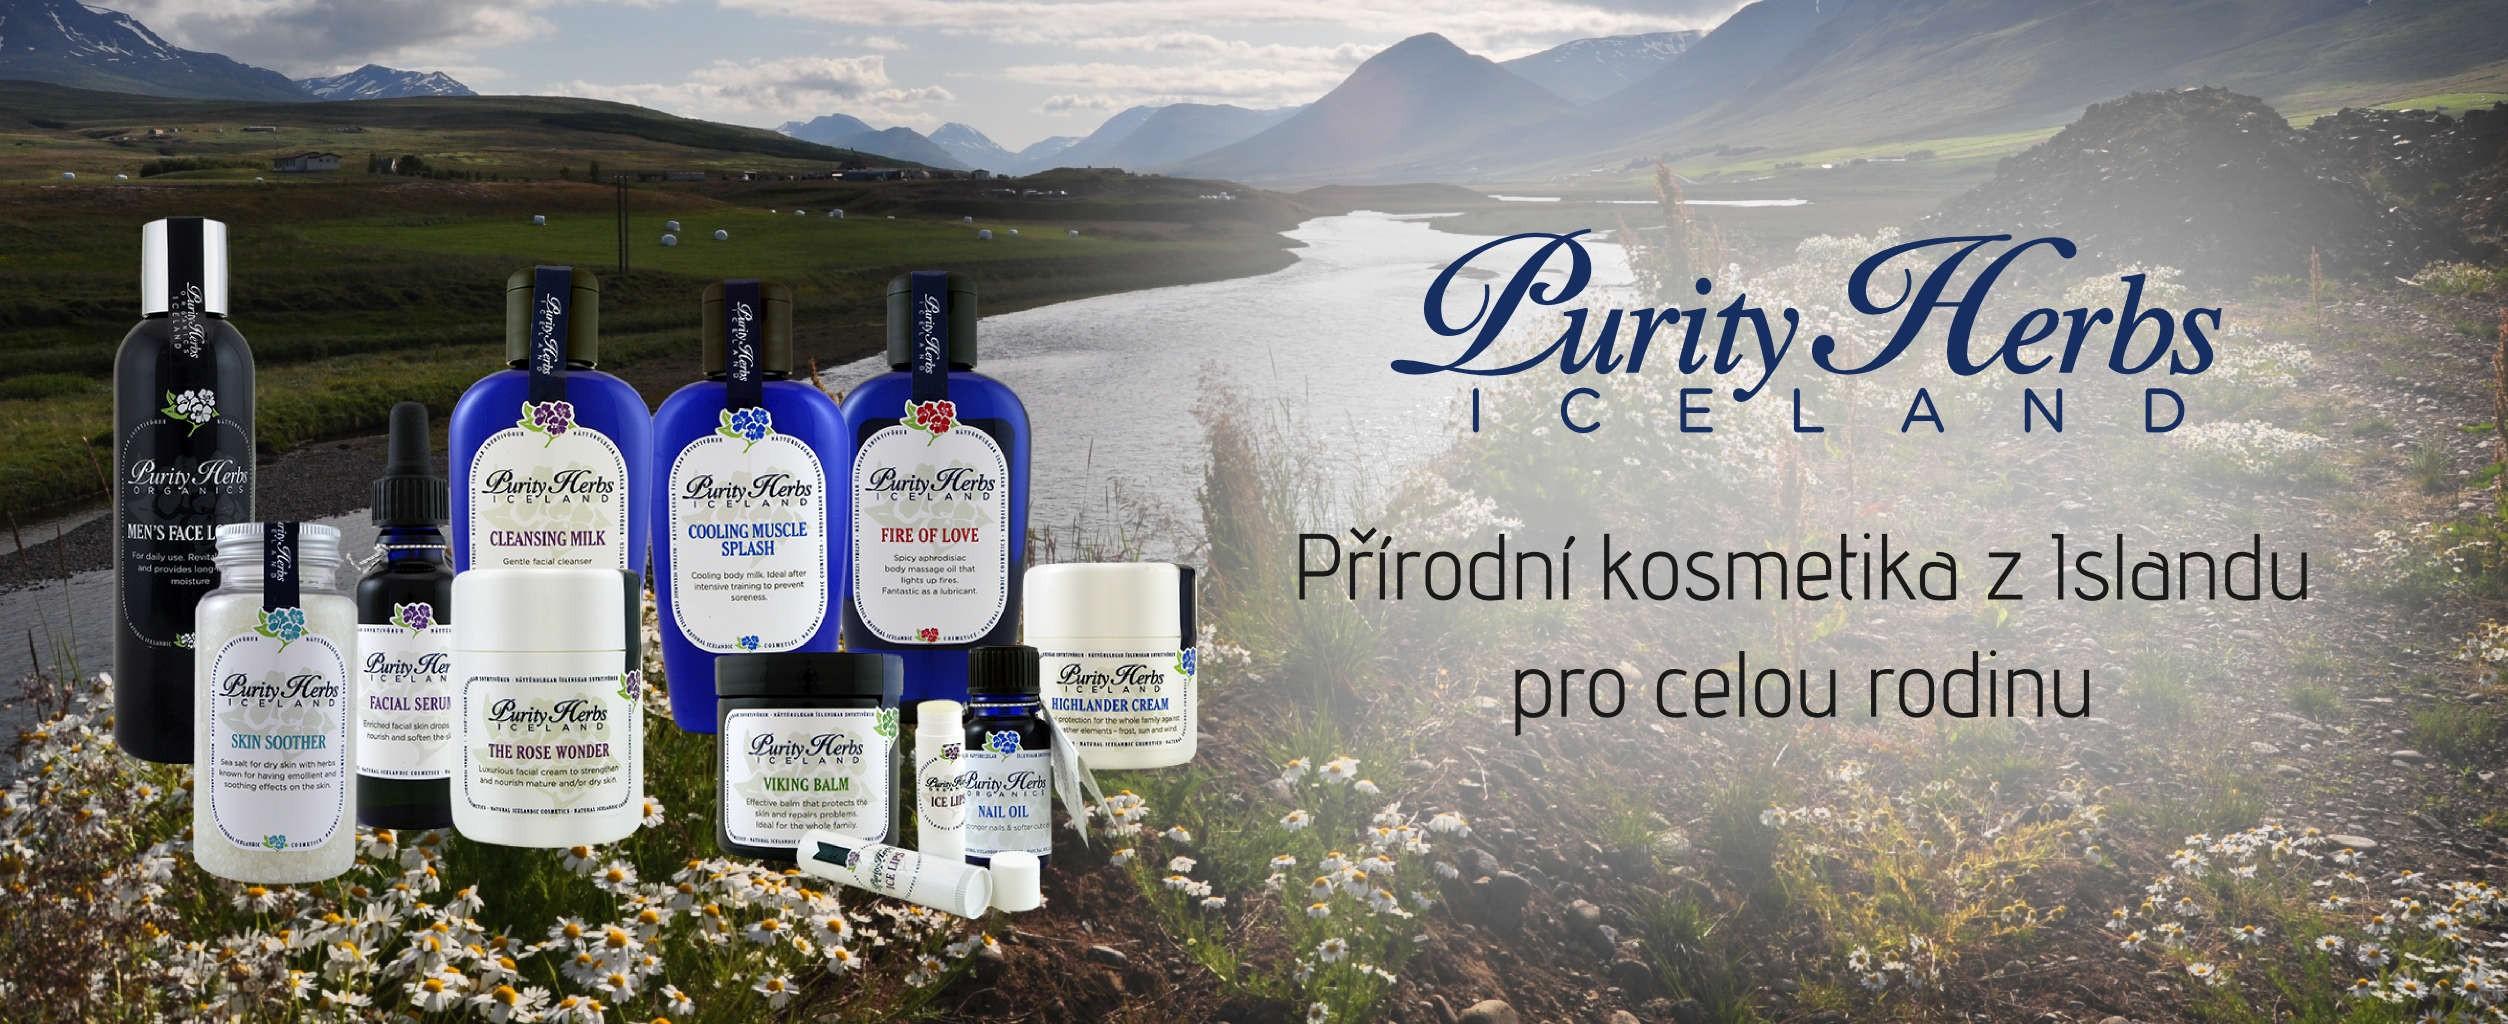 Purity Herbs - přírodní kosmetika z Islandu